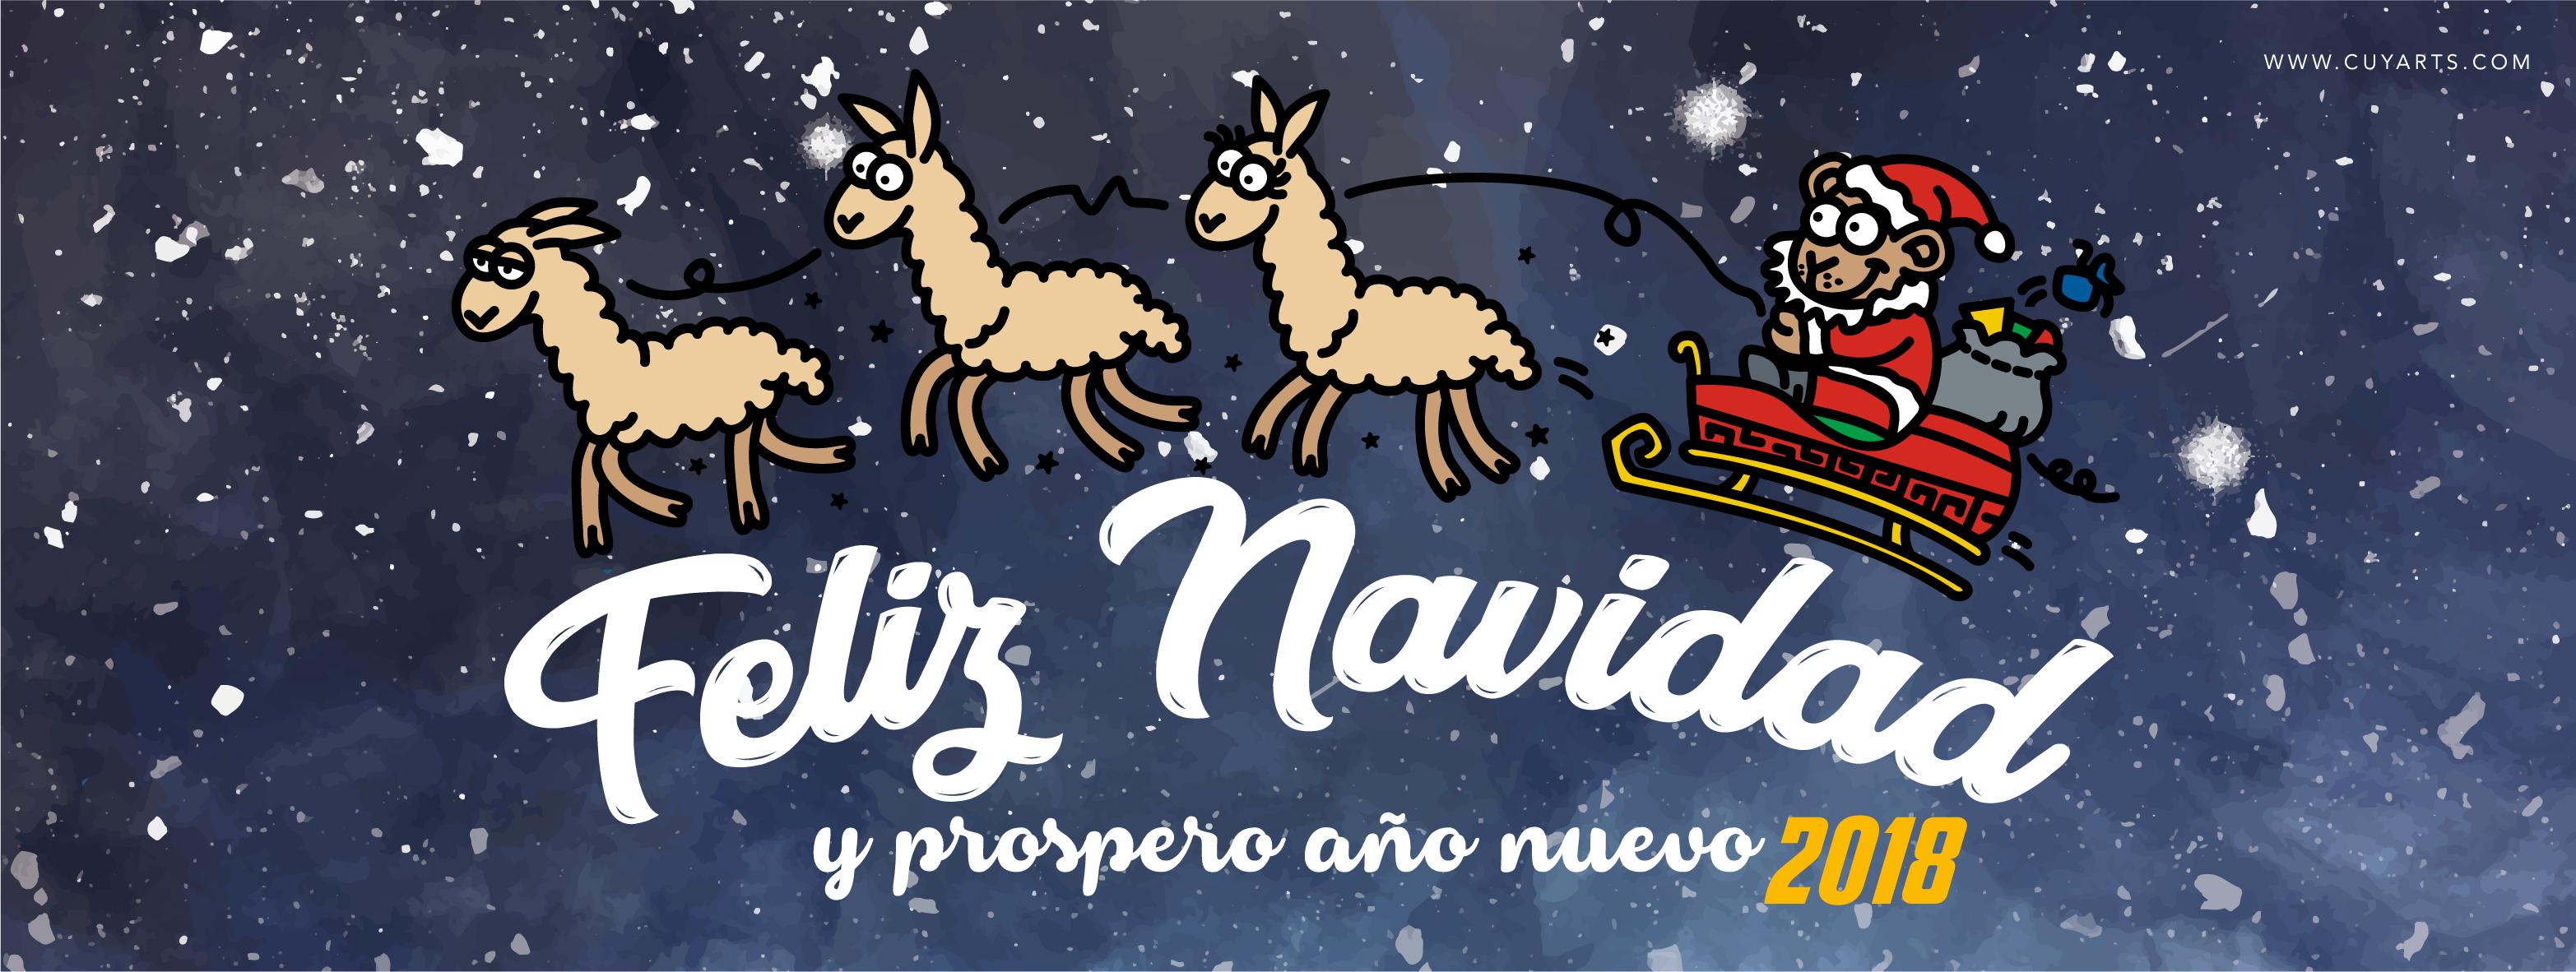 navidad delivery free